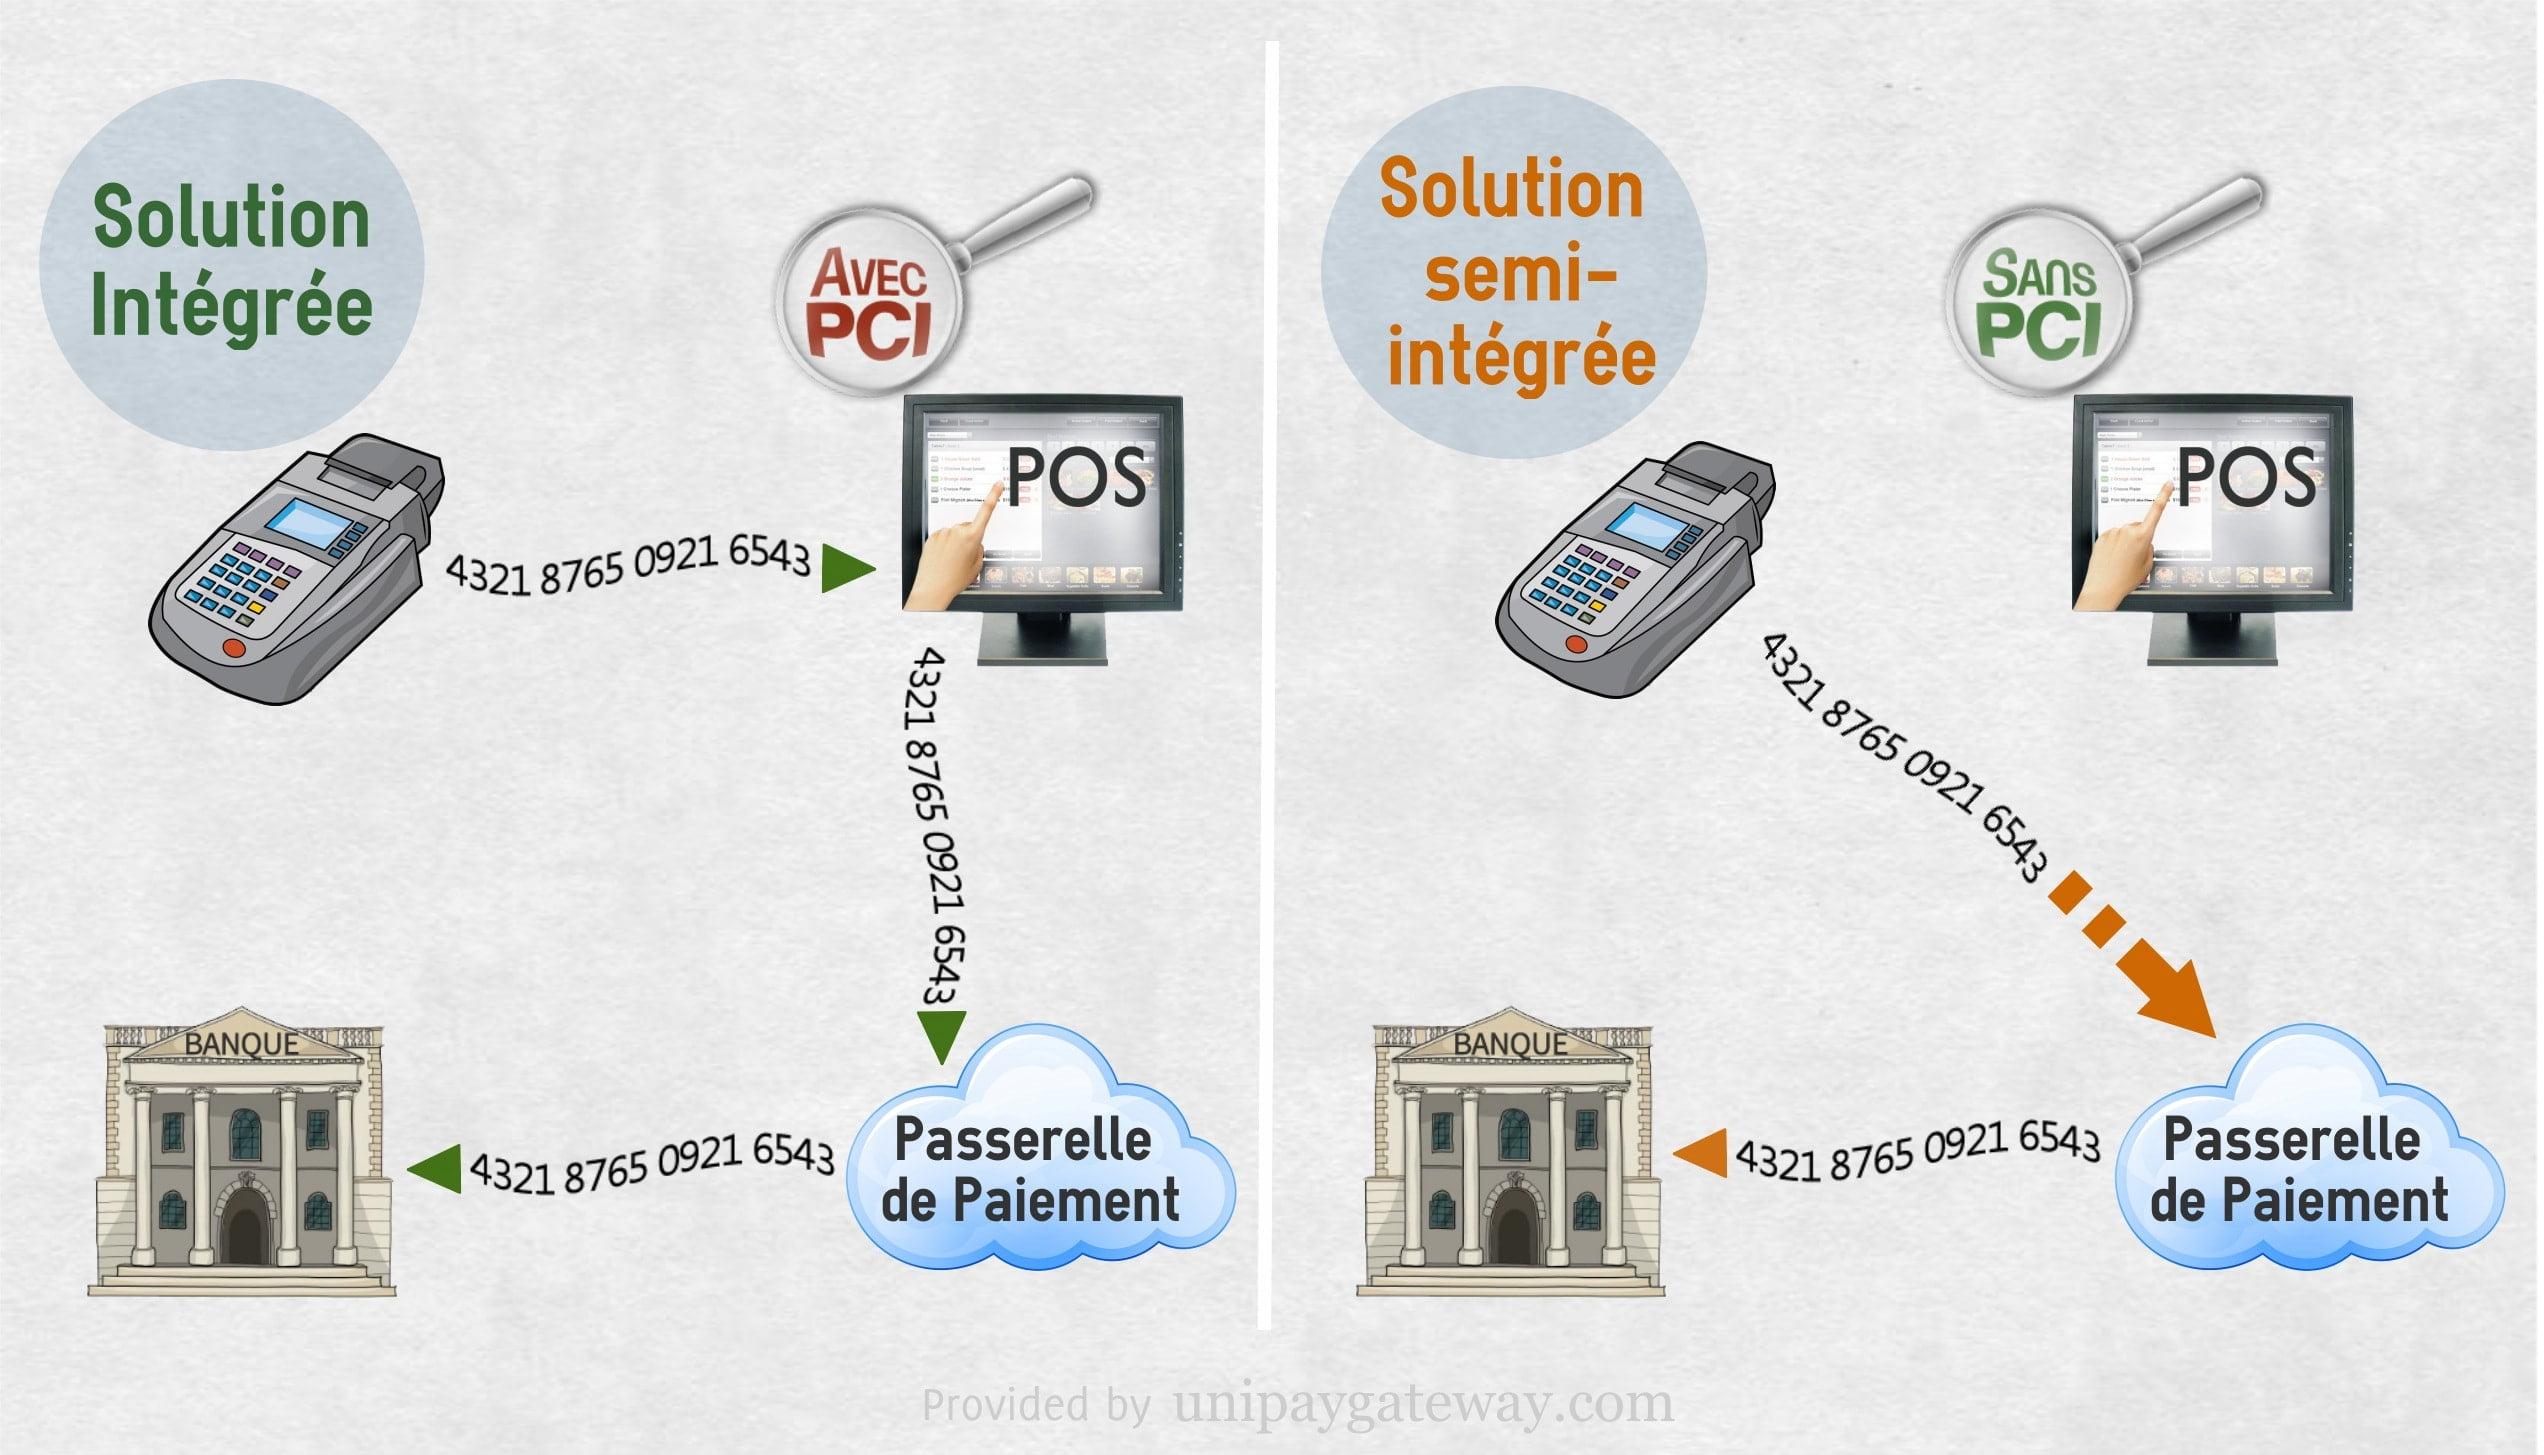 Schéma des solutions intégrées et semi-intégrées